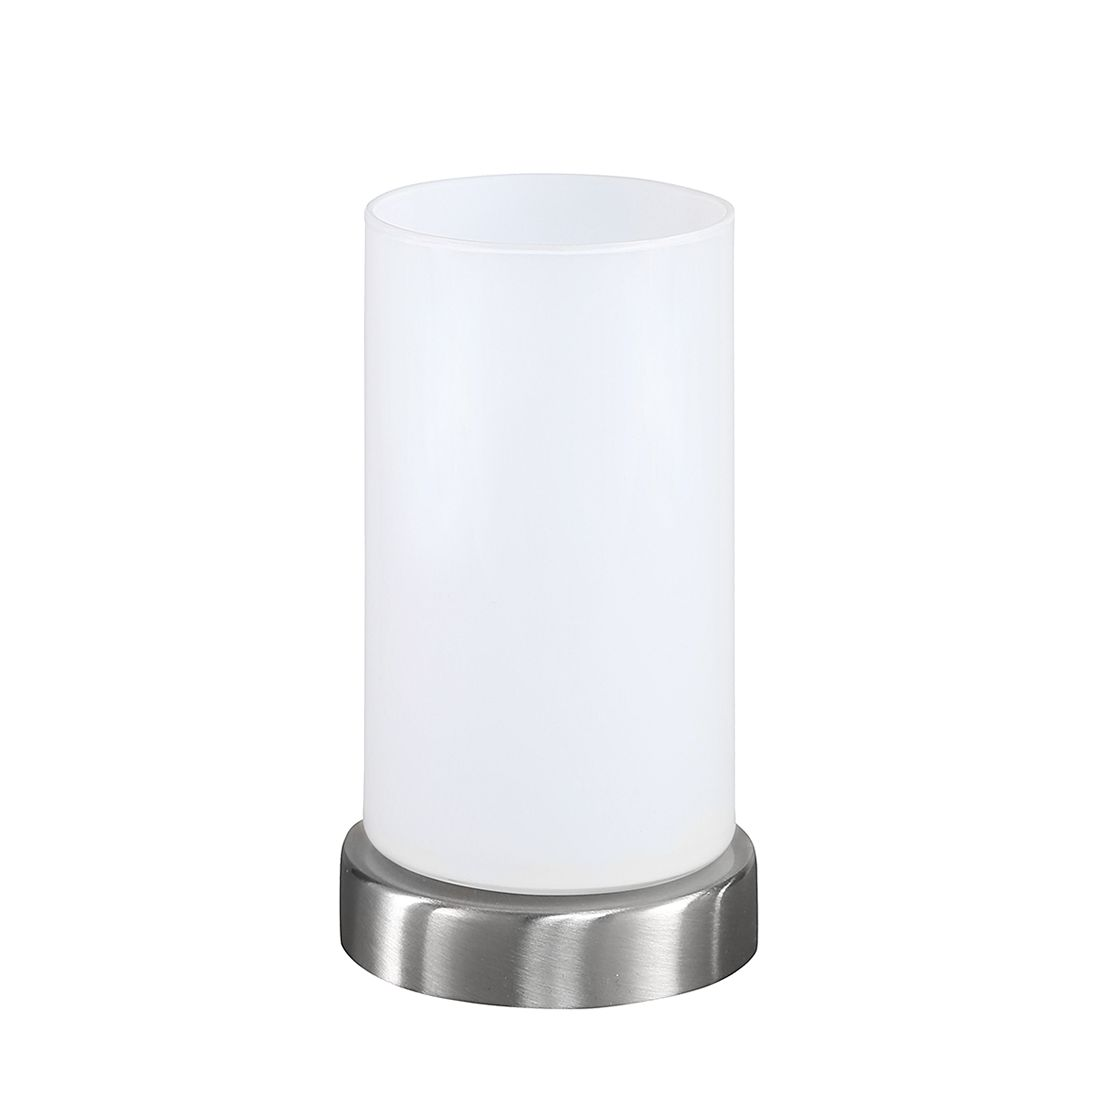 EEK A+, Tischleuchte LOFT - Metall/Glas - 1-flammig, Action bei Home24 - Sonderangebote